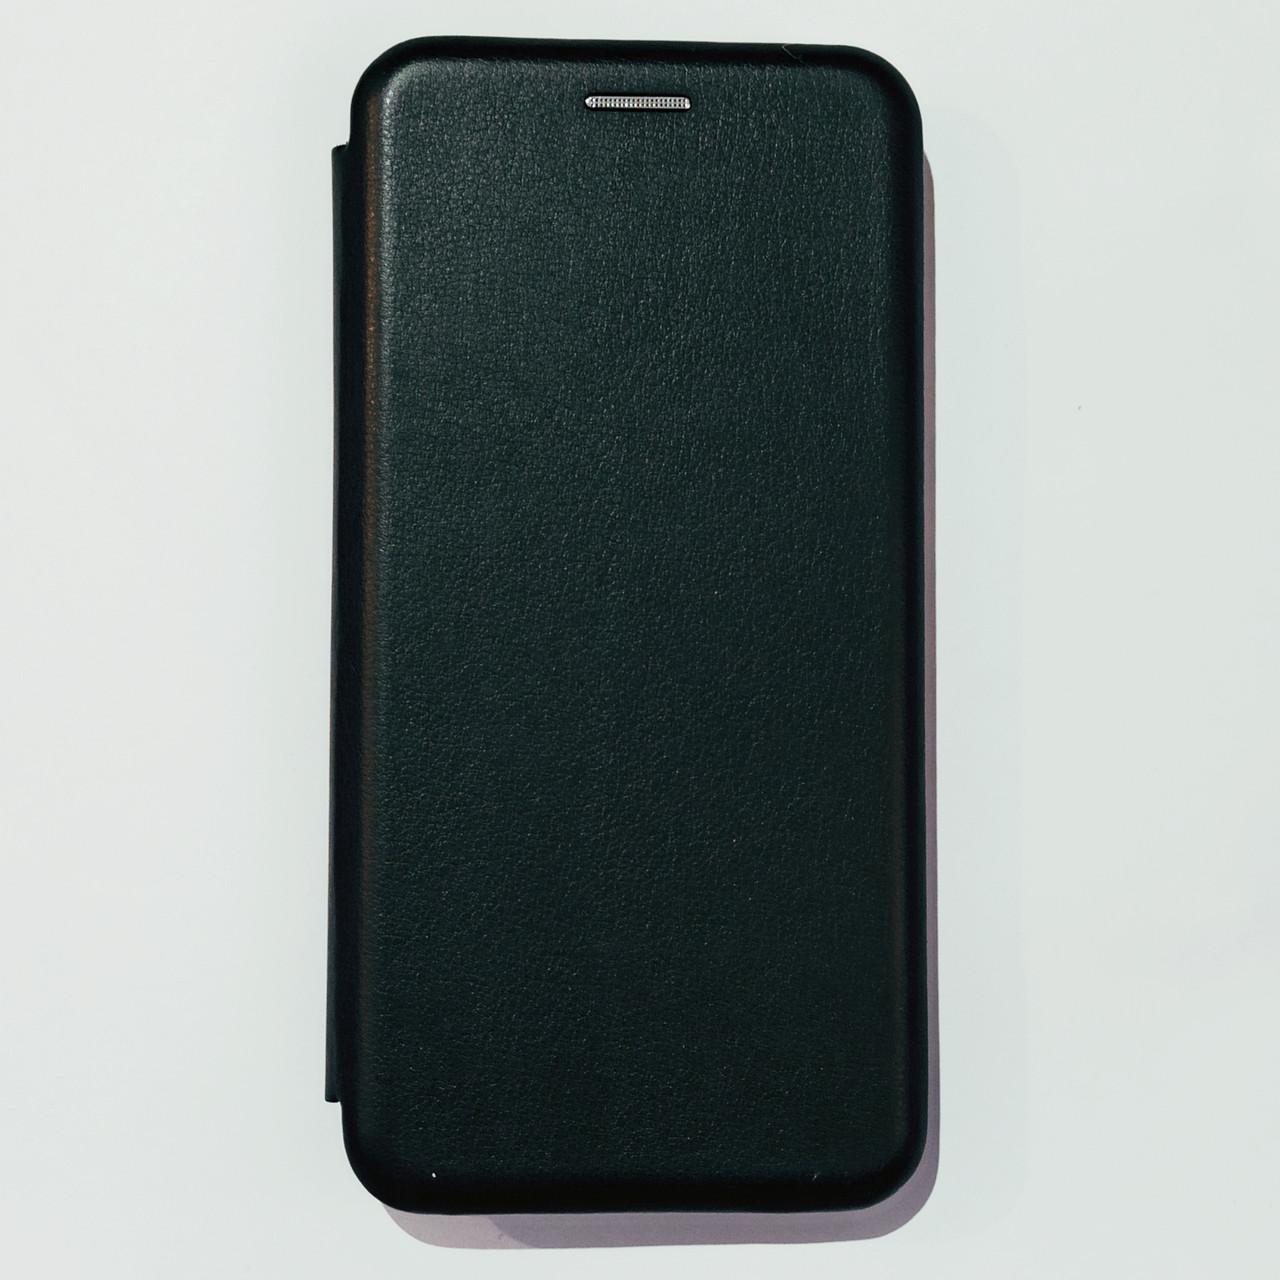 Чехол-книжка Fashion для Xiaomi A2 Lite, Redmi 6 Pro Черный